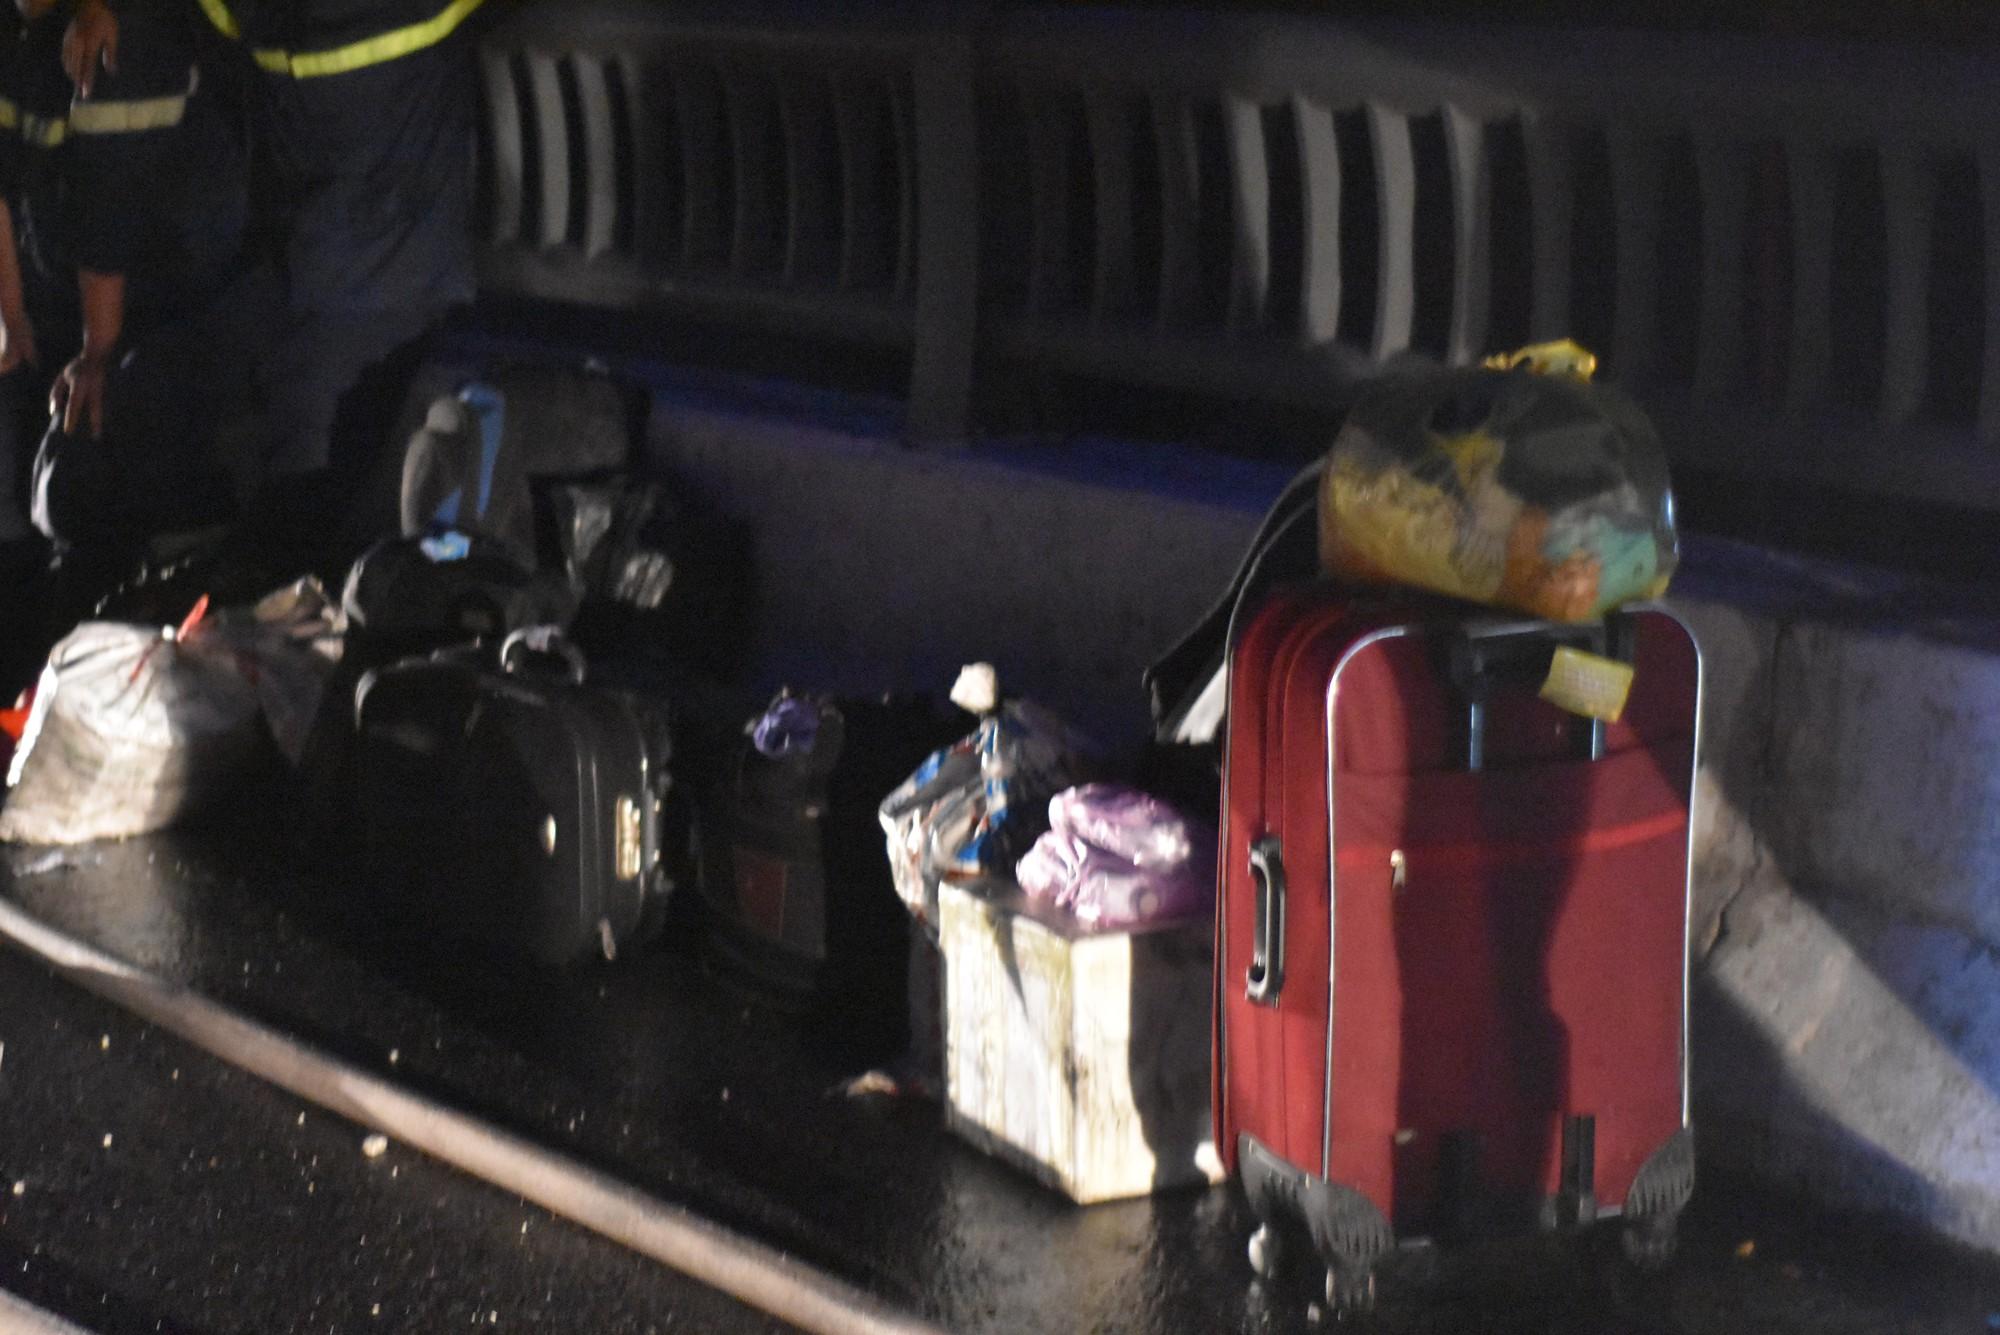 Hành lý còn sót lại sau vụ cháy.